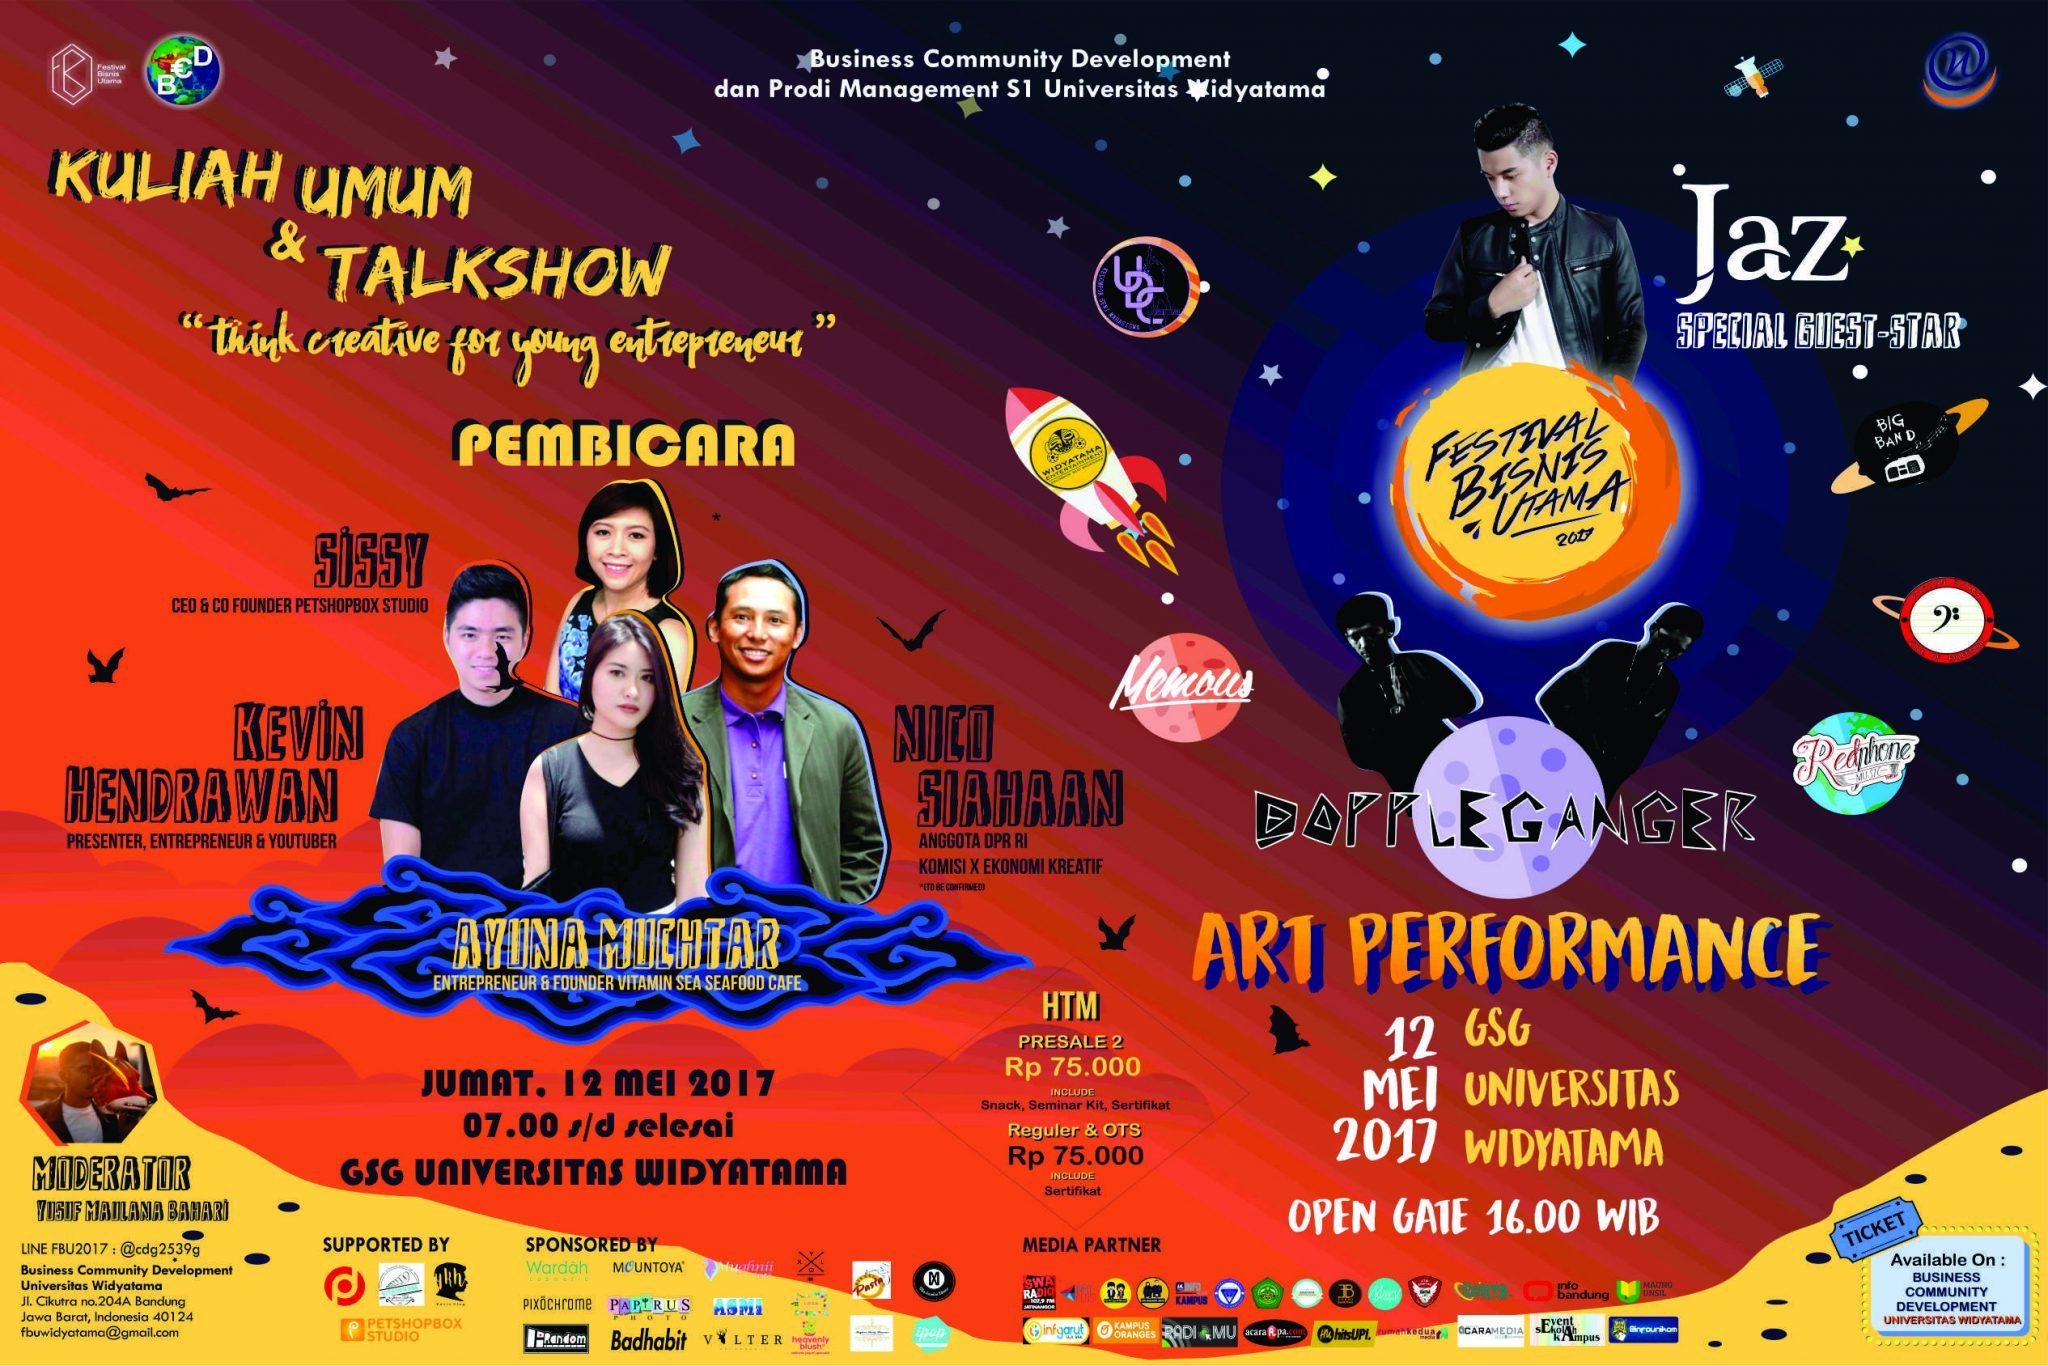 Festival Bisnis UTama 2017